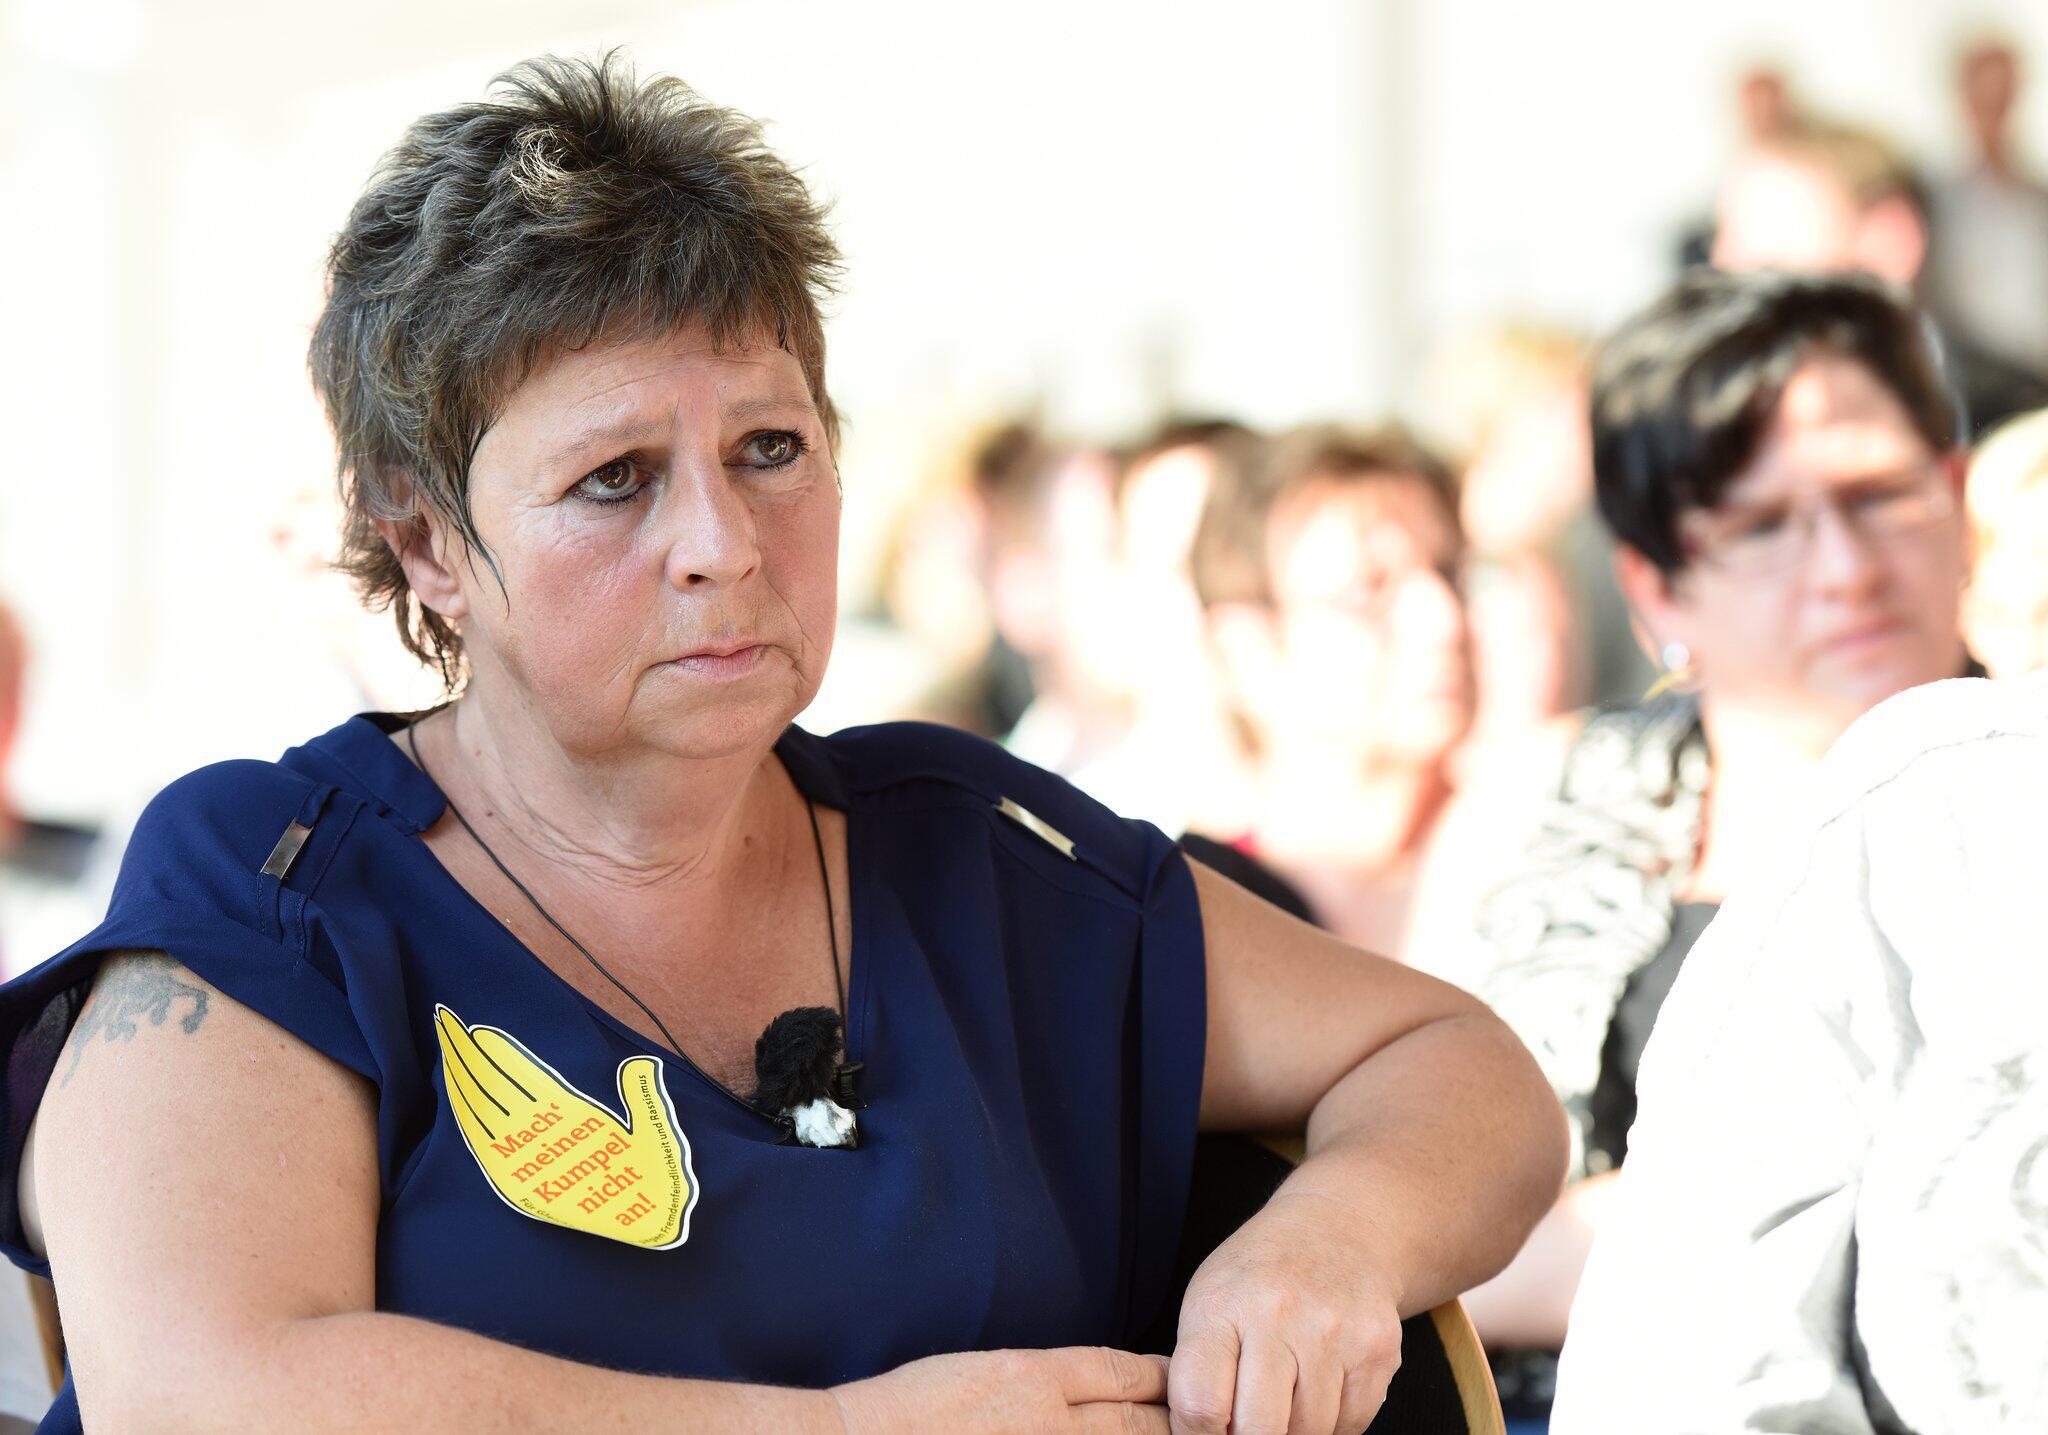 Bild zu Susanne Neumann, SPD, Gelsenkirchen, Bürgerbefragung, Sigmar Gabriel